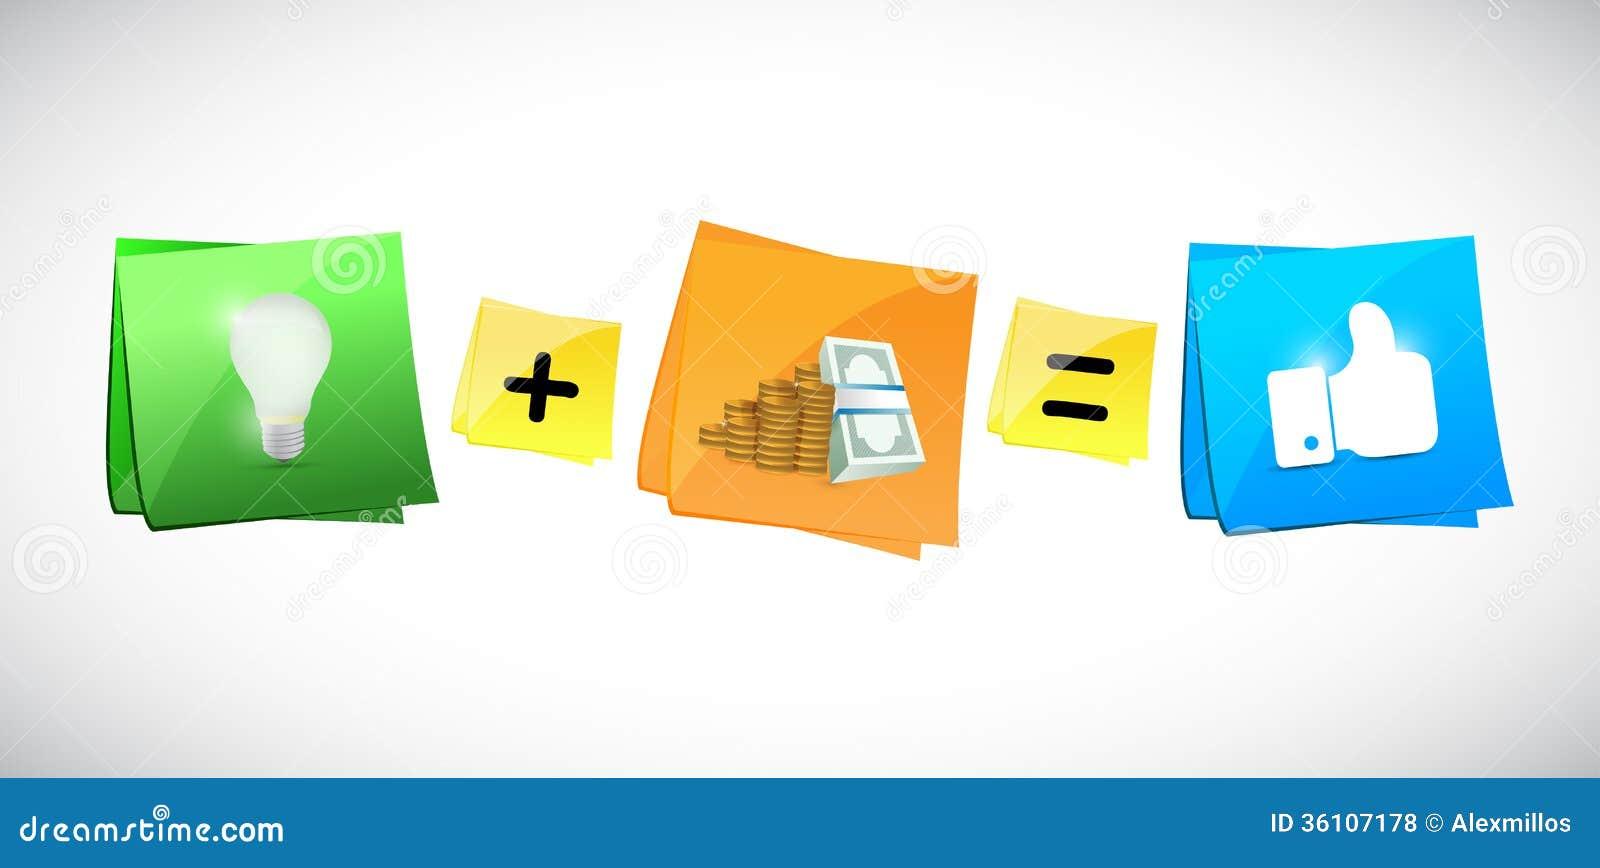 Pomysły plus pieniądze równy szczęście. ilustracja